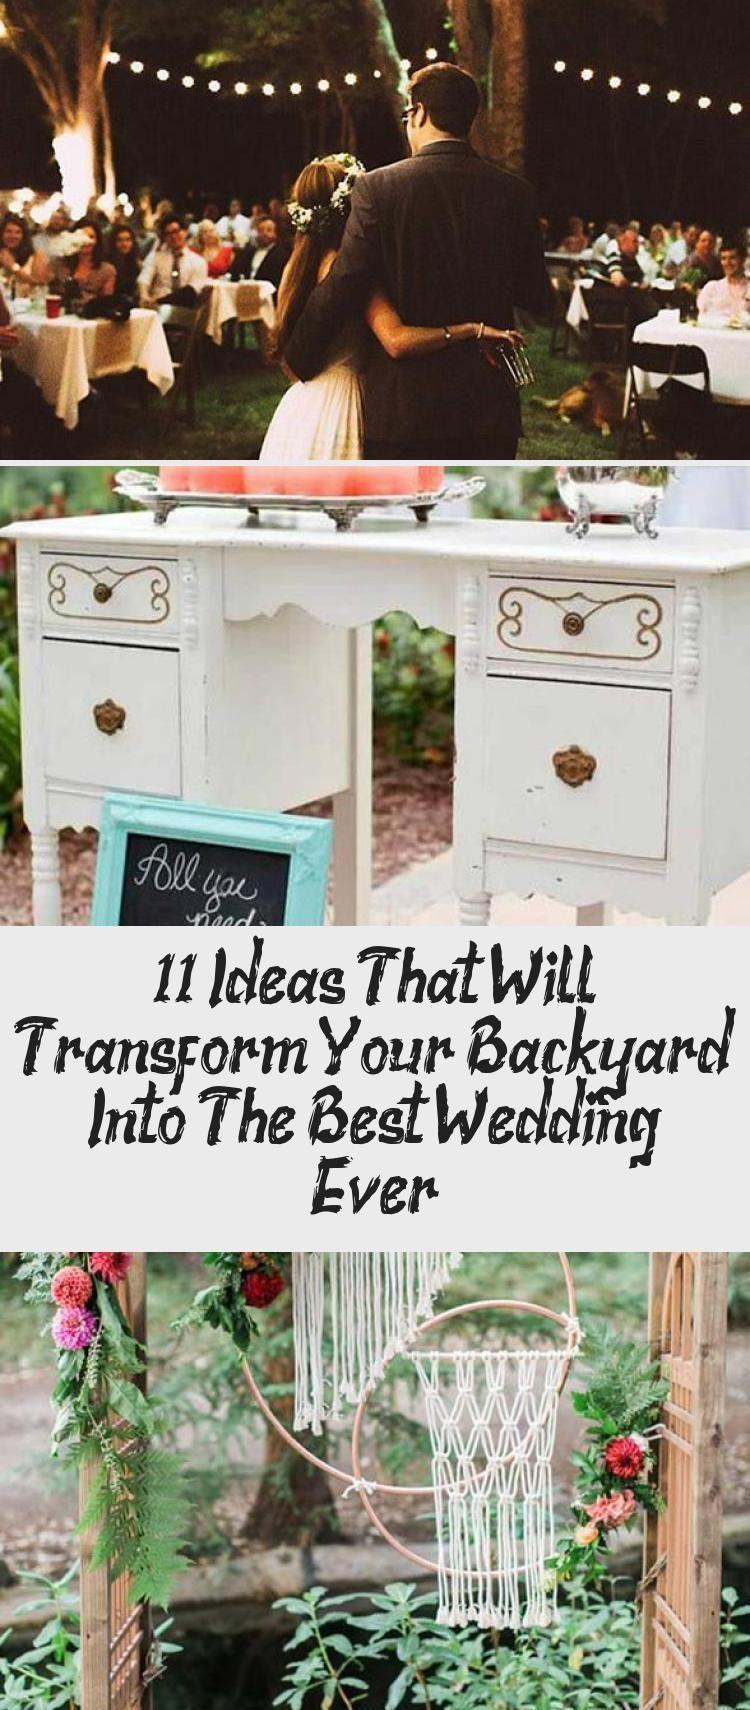 En Blog - En Blog in 2020 | Small garden wedding, Backyard ...